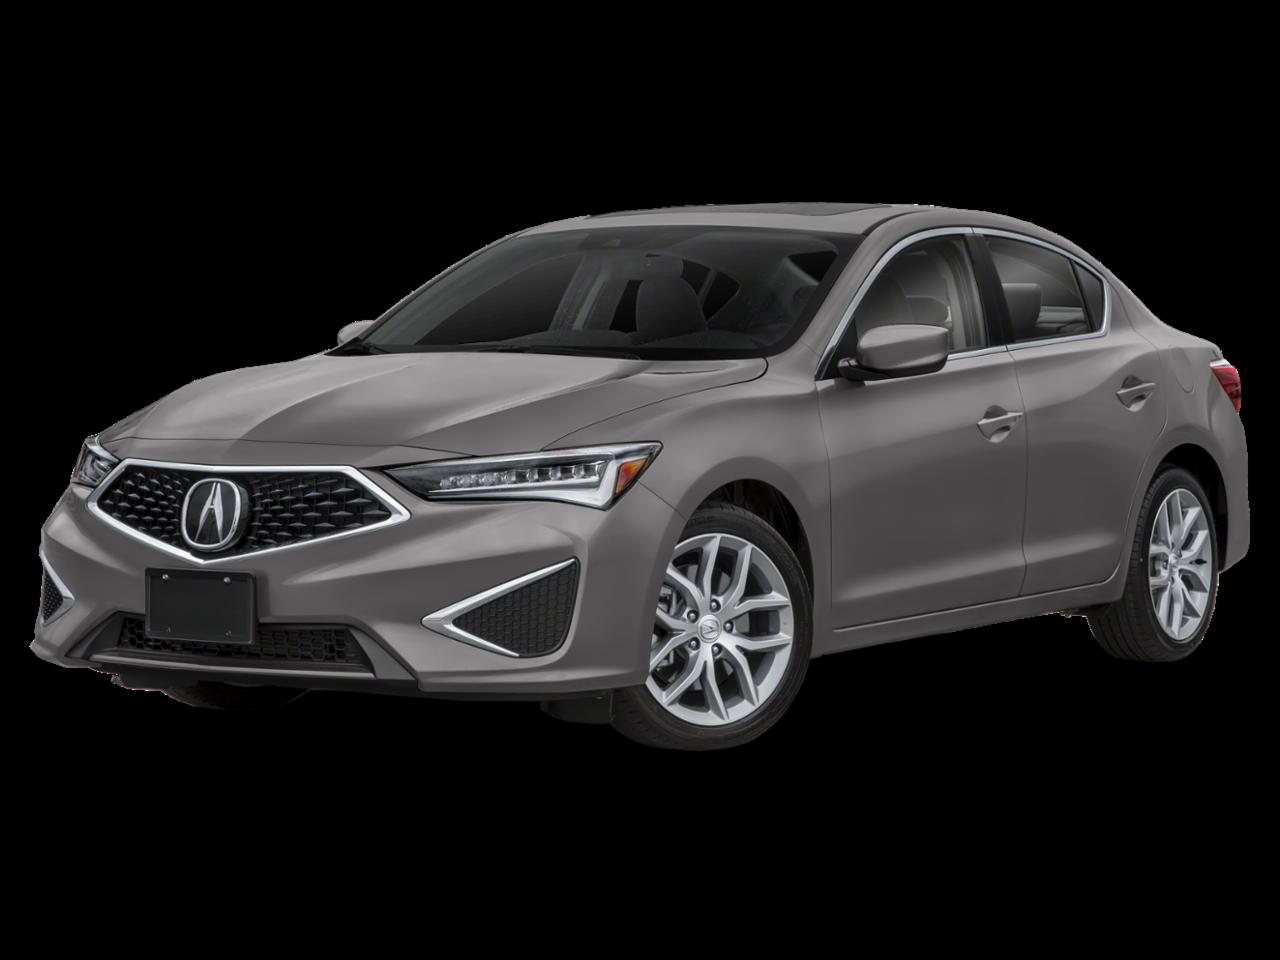 Acura 2021 ILX Sedan